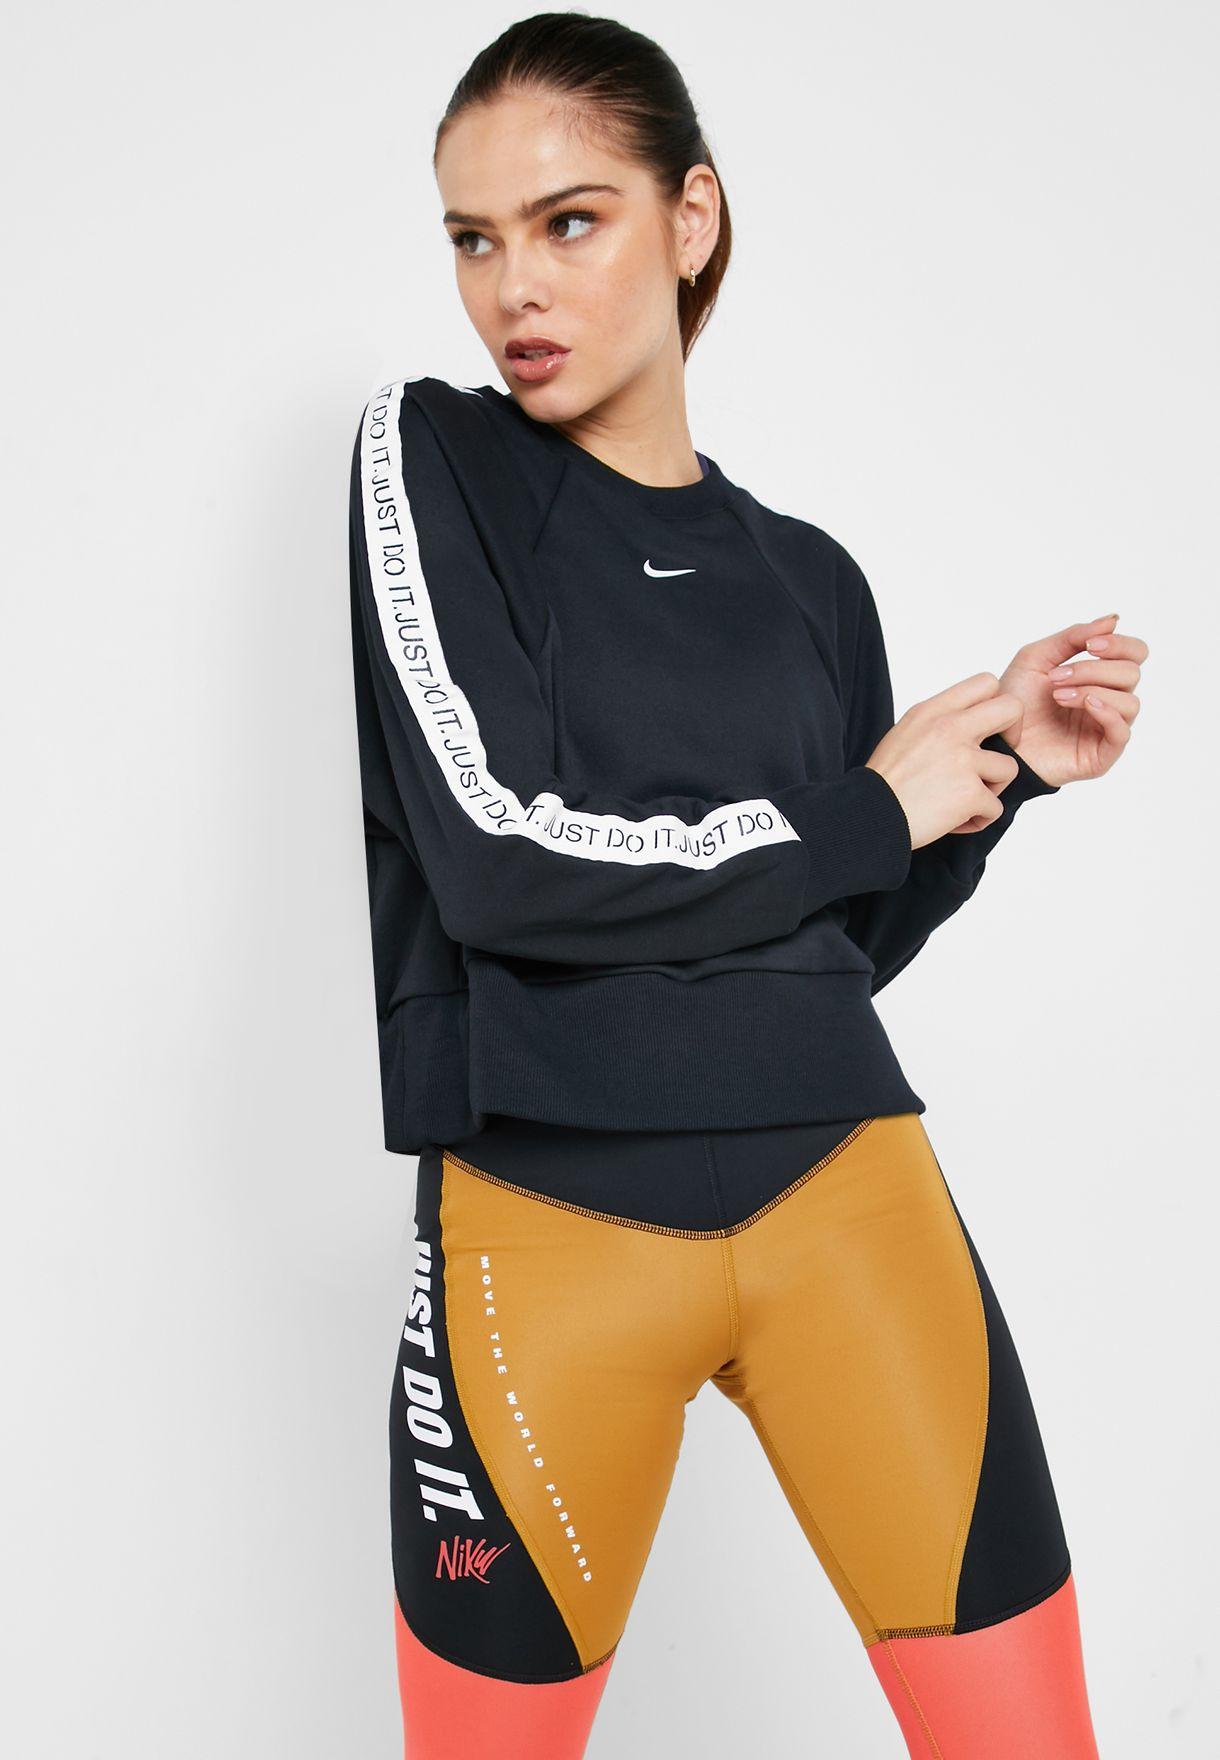 nike leggings just do it xs, NIKE TECH FLEECE AOP Sweatshirt